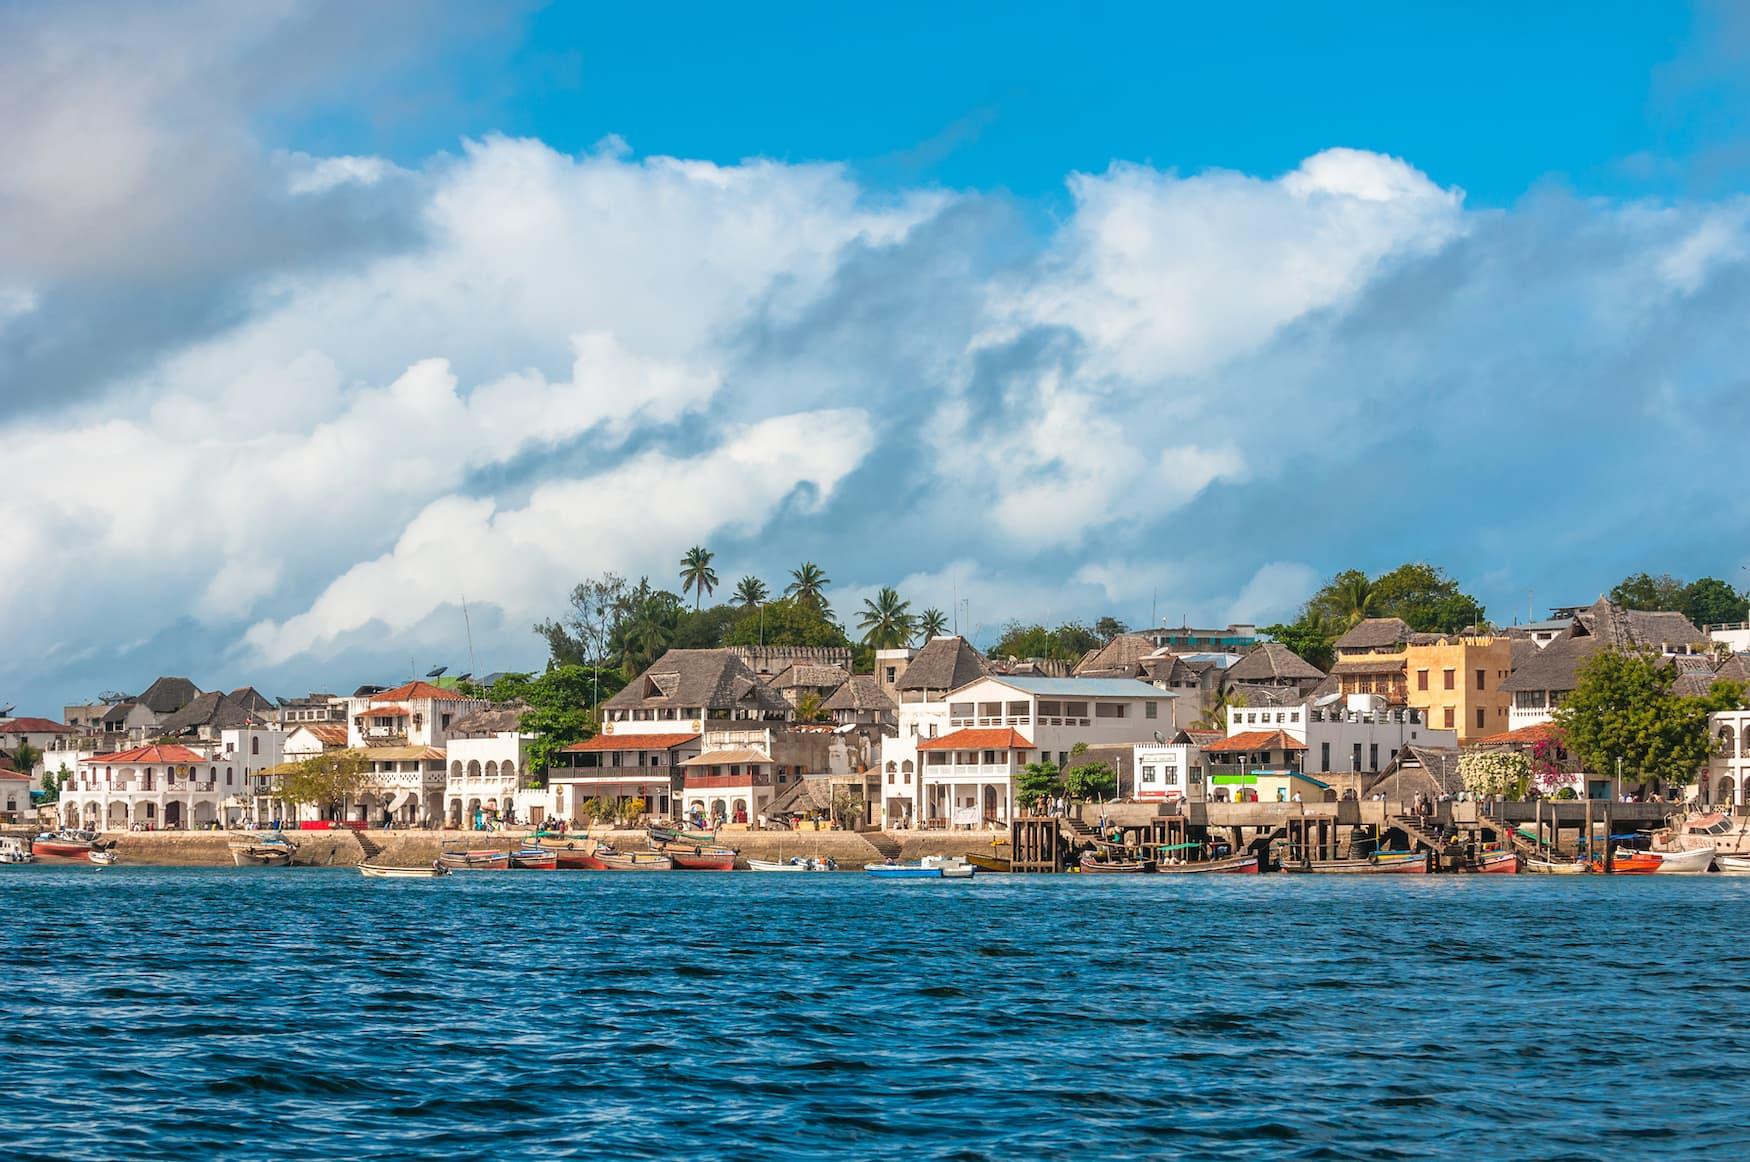 Blick auf die Stadt in Lamu Island vom Wasser aus